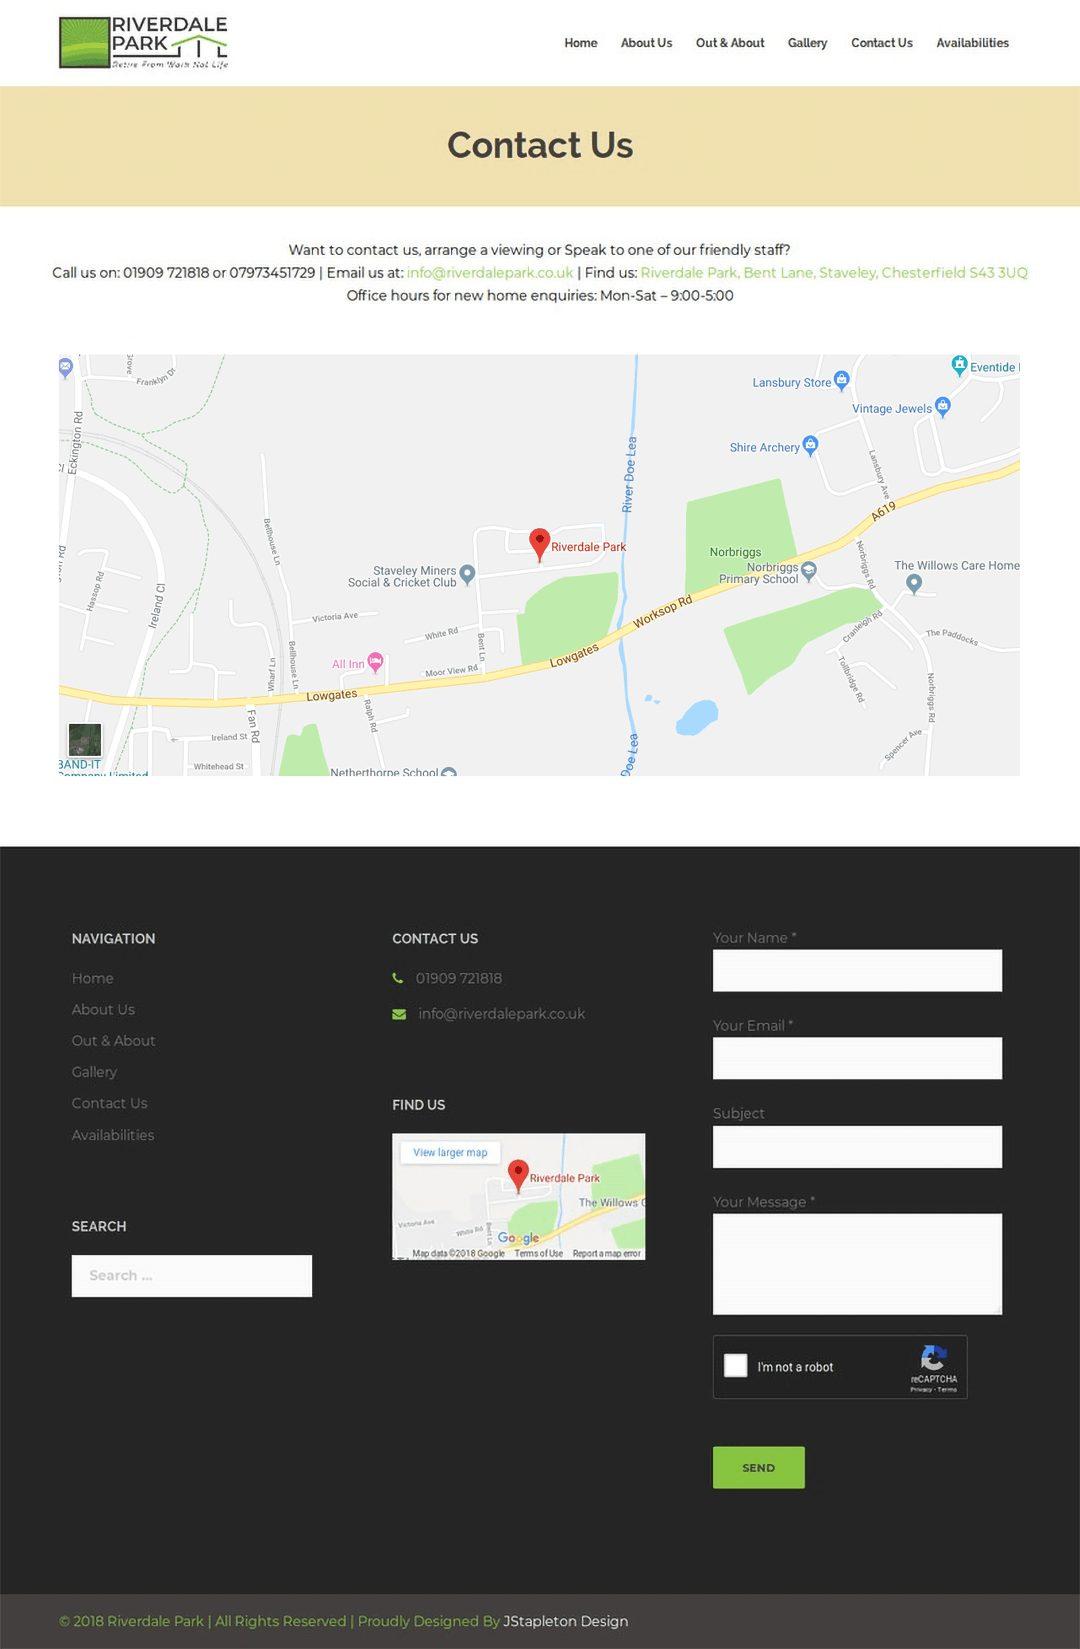 Riverdale Park Contact Us